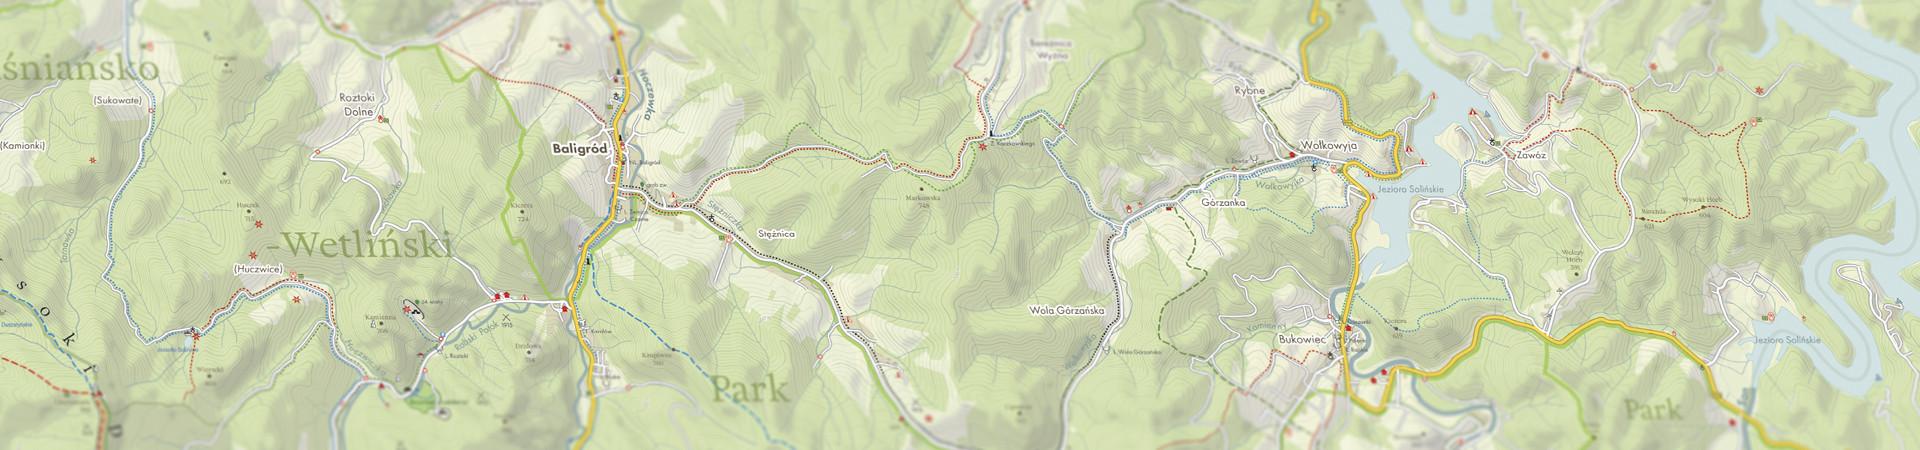 mapa_baligrod_2